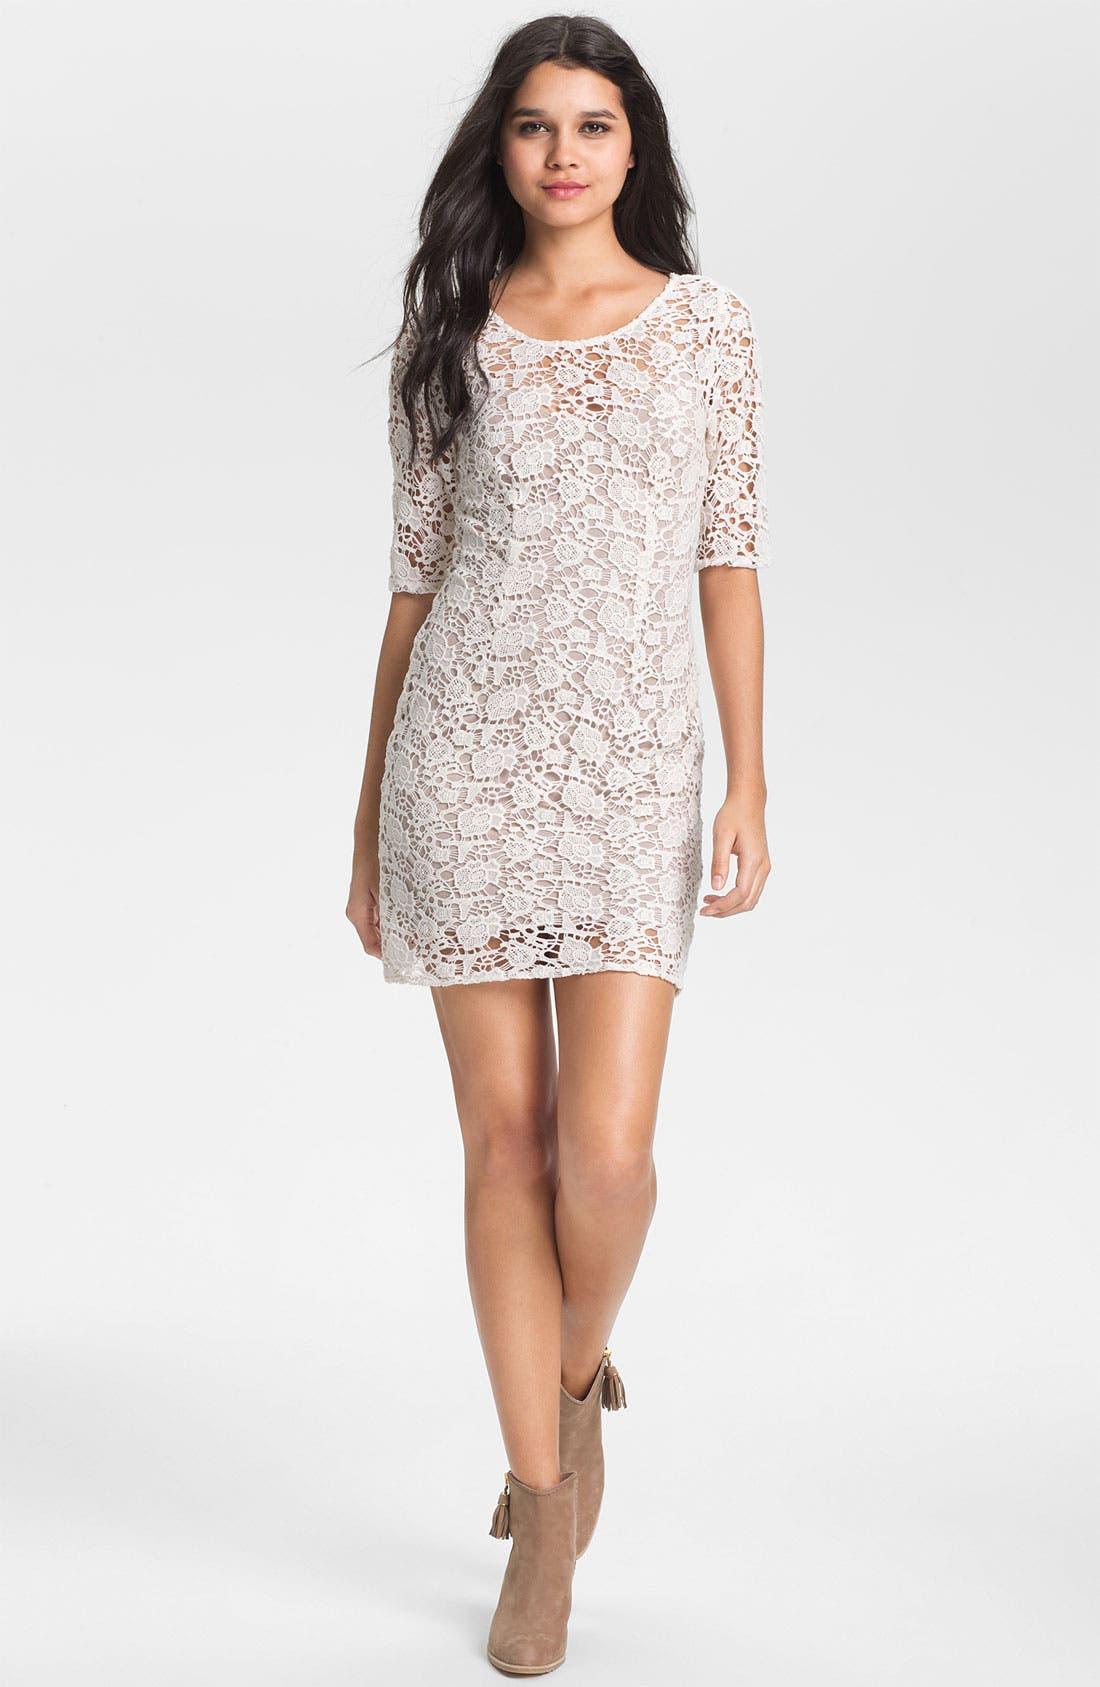 Alternate Image 1 Selected - Lily Aldridge for Velvet by Graham & Spencer Crochet Lace Dress